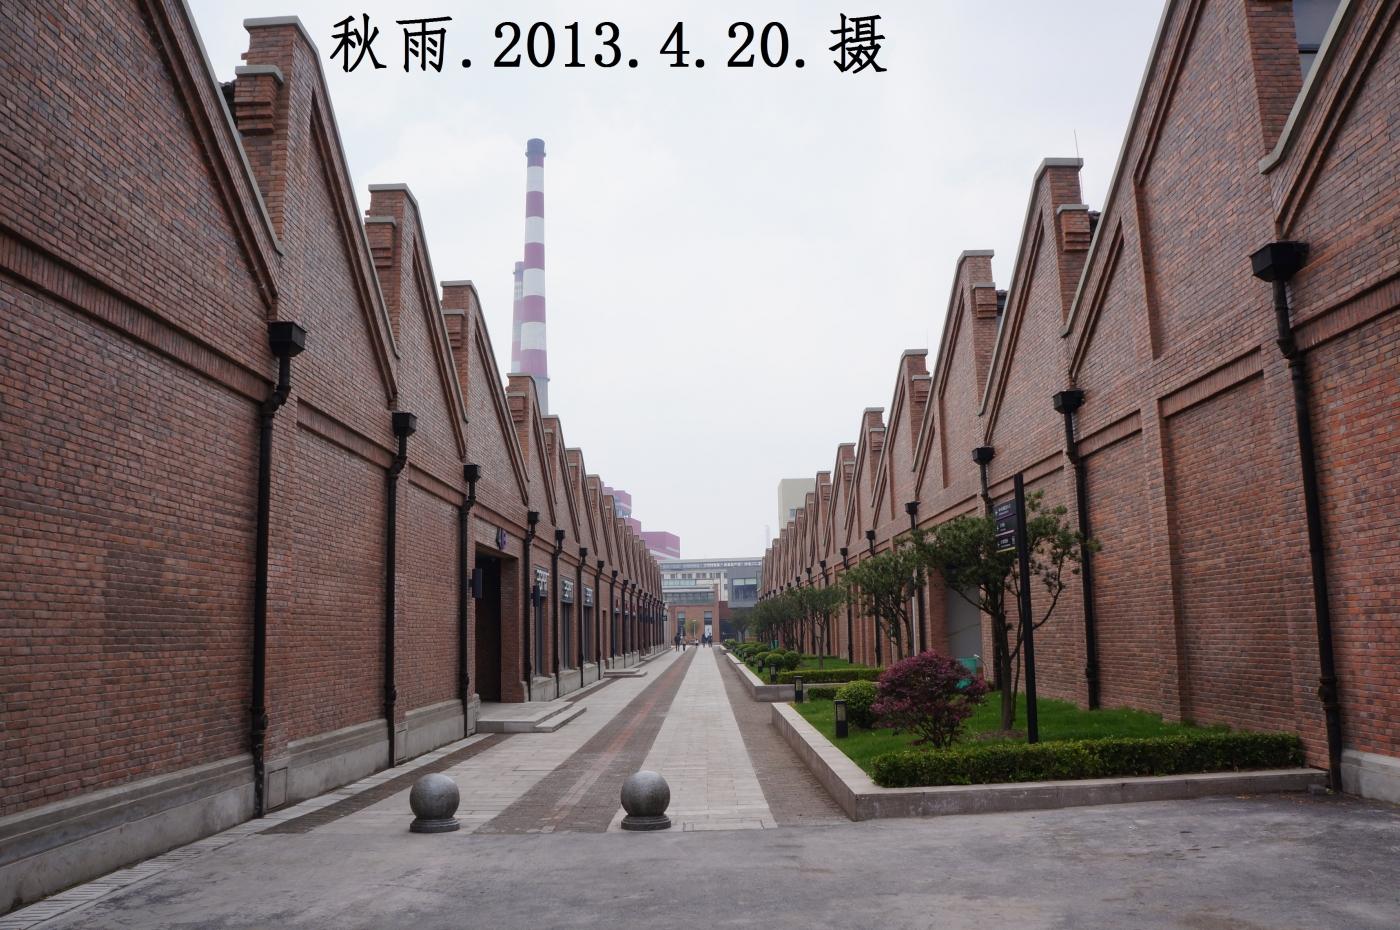 上海国际时尚中心,原国棉十七厂旧址(1),修旧如旧。摄影原创。 ..._图1-9